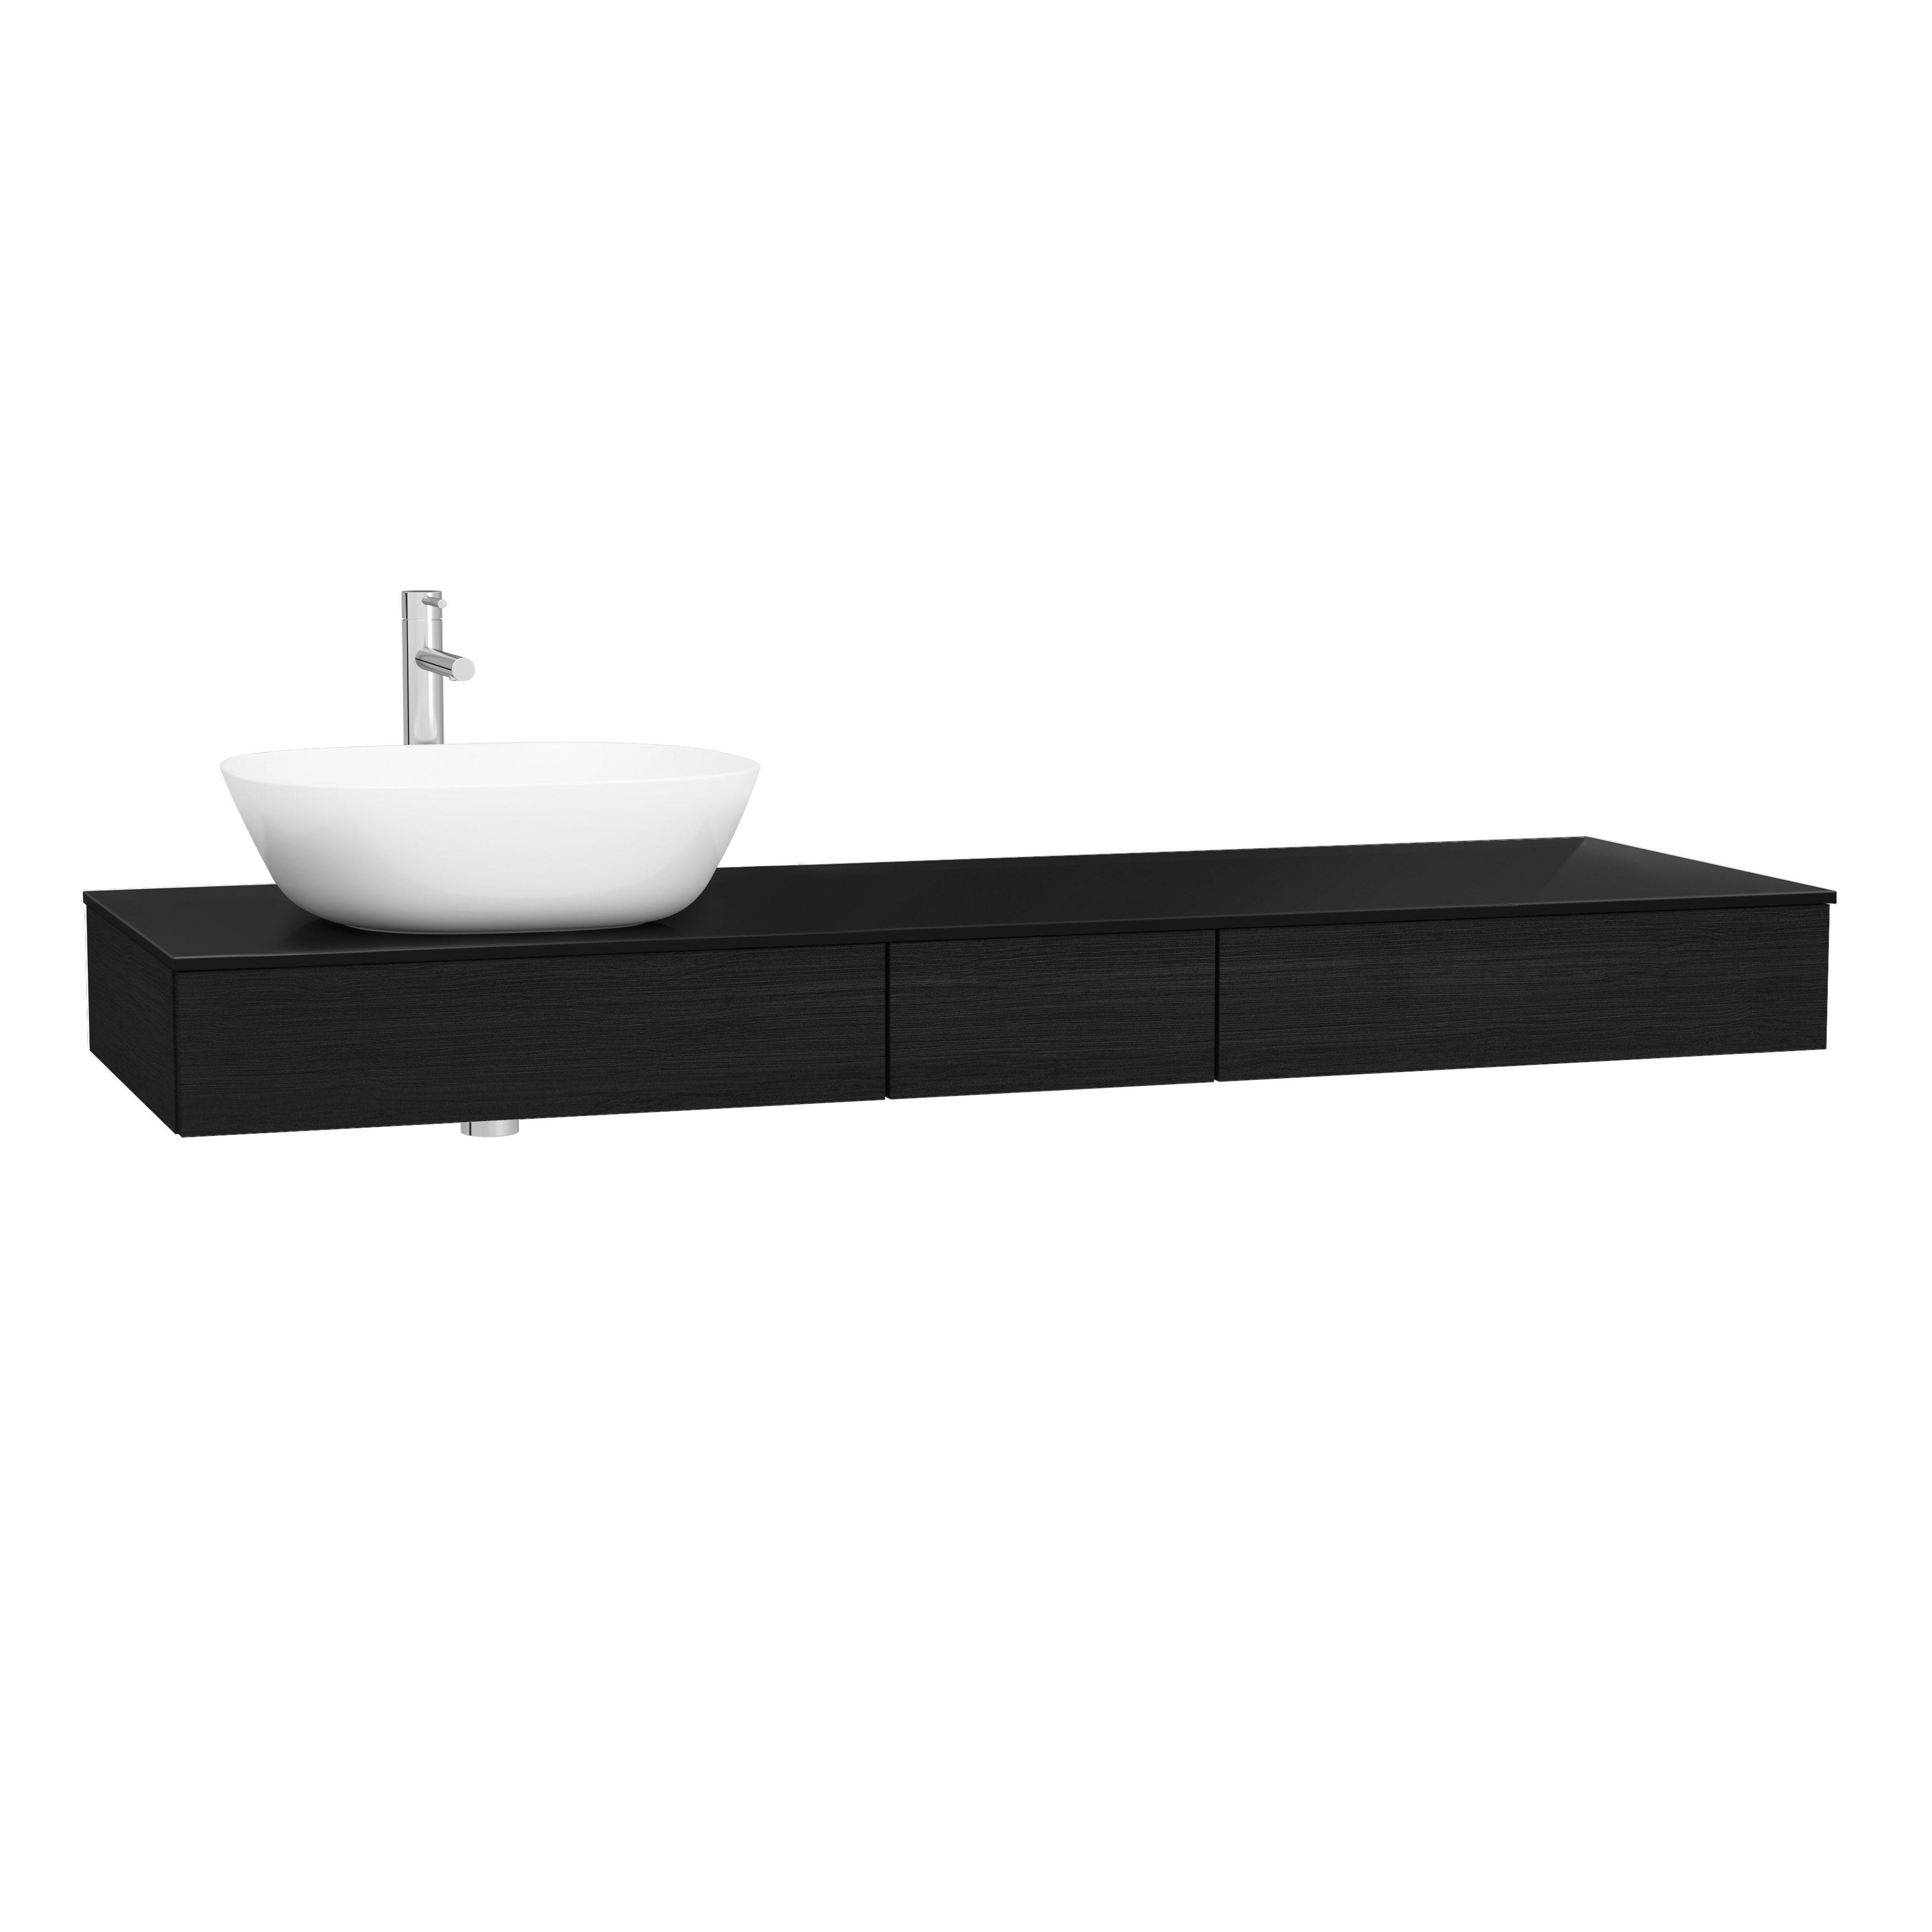 Origin plan de toilette avec tiroir, 150 cm, chêne noir structure, gauche